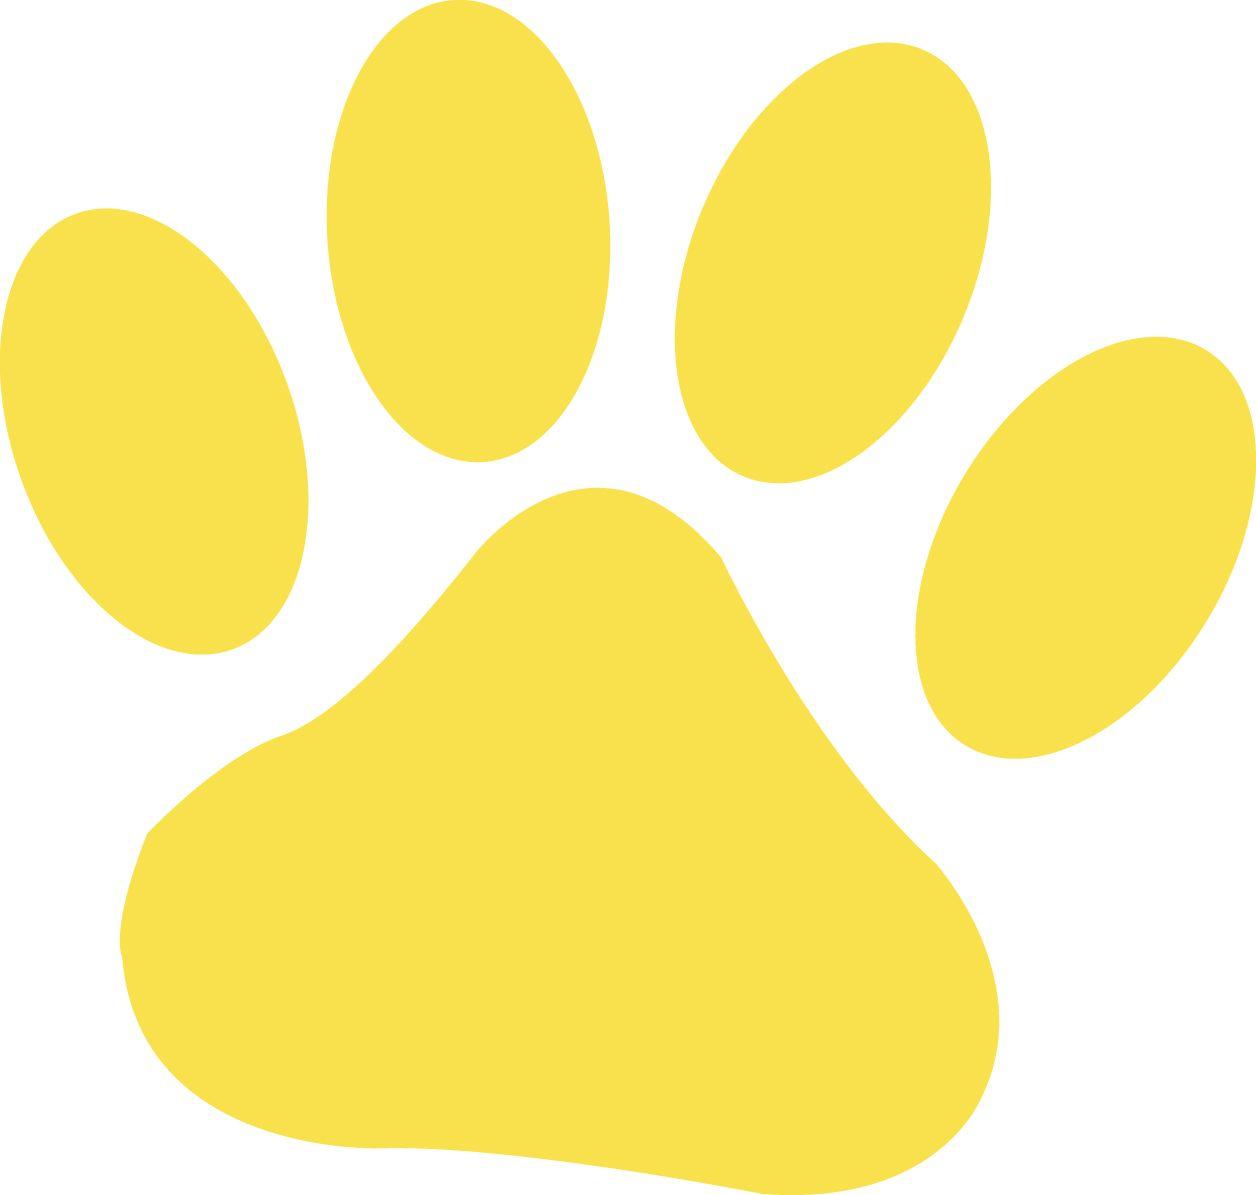 Lion King - Yellow Paw print | Birthday - Lion King Theme | Pinterest